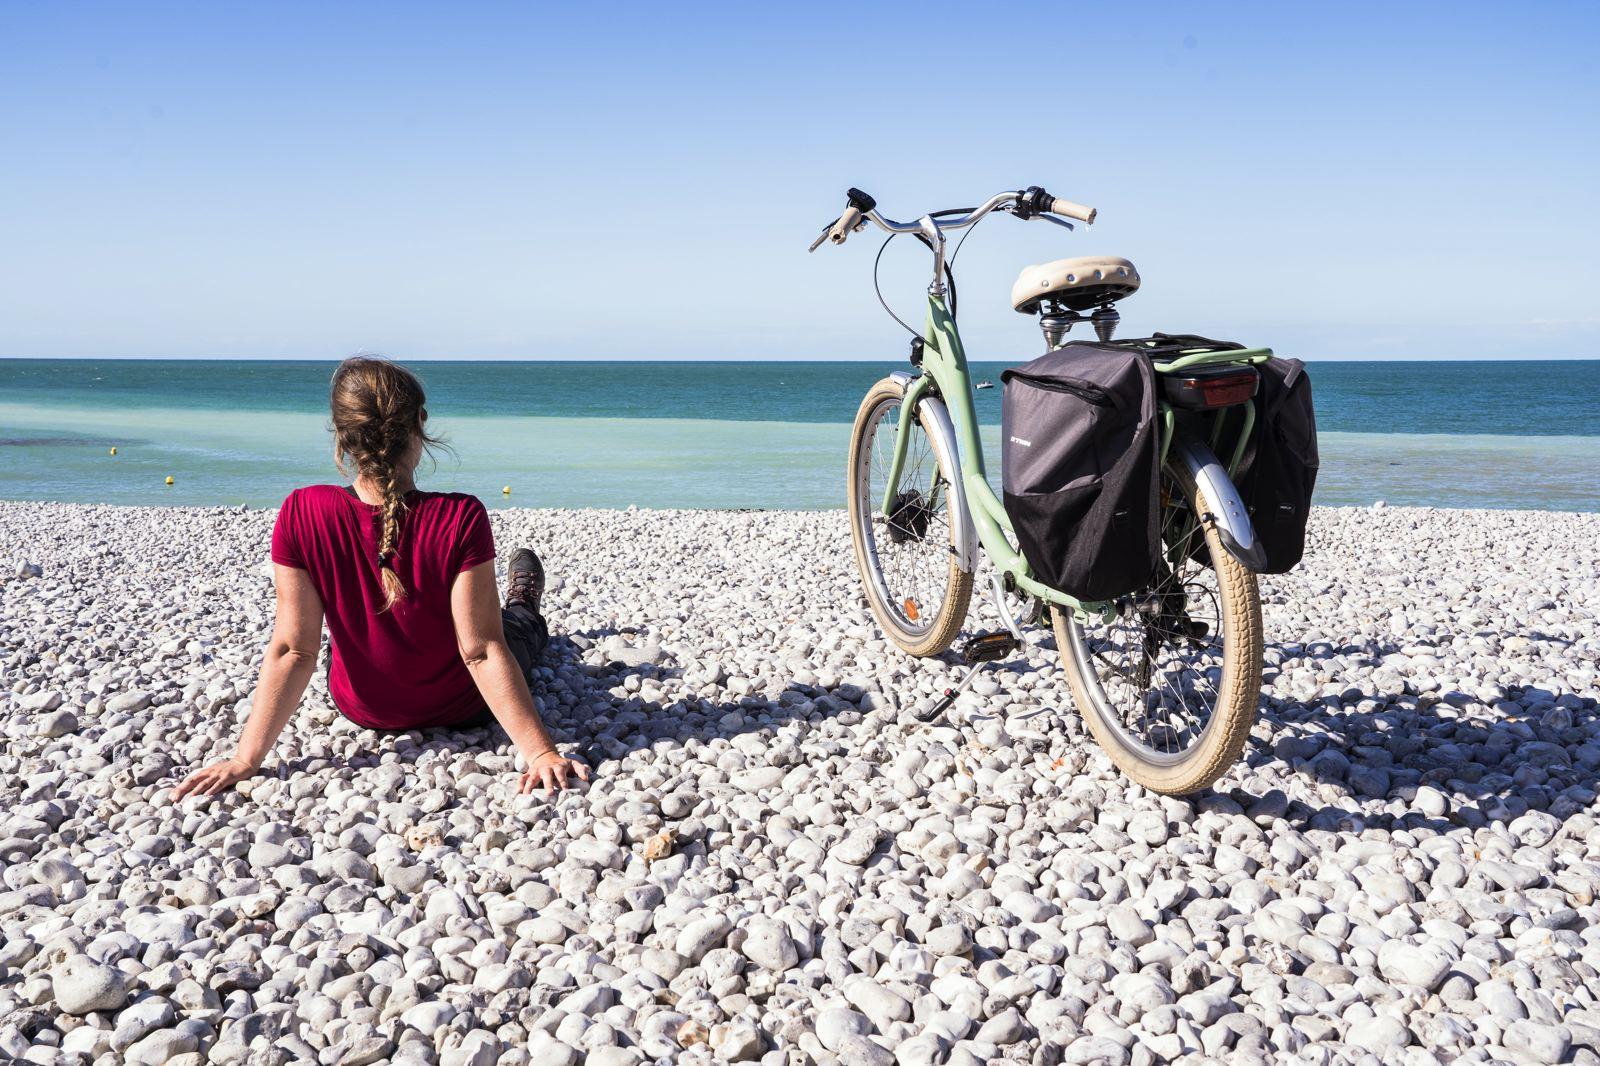 Un week-end à vélo à Fécamp : idées de visites et itinéraire